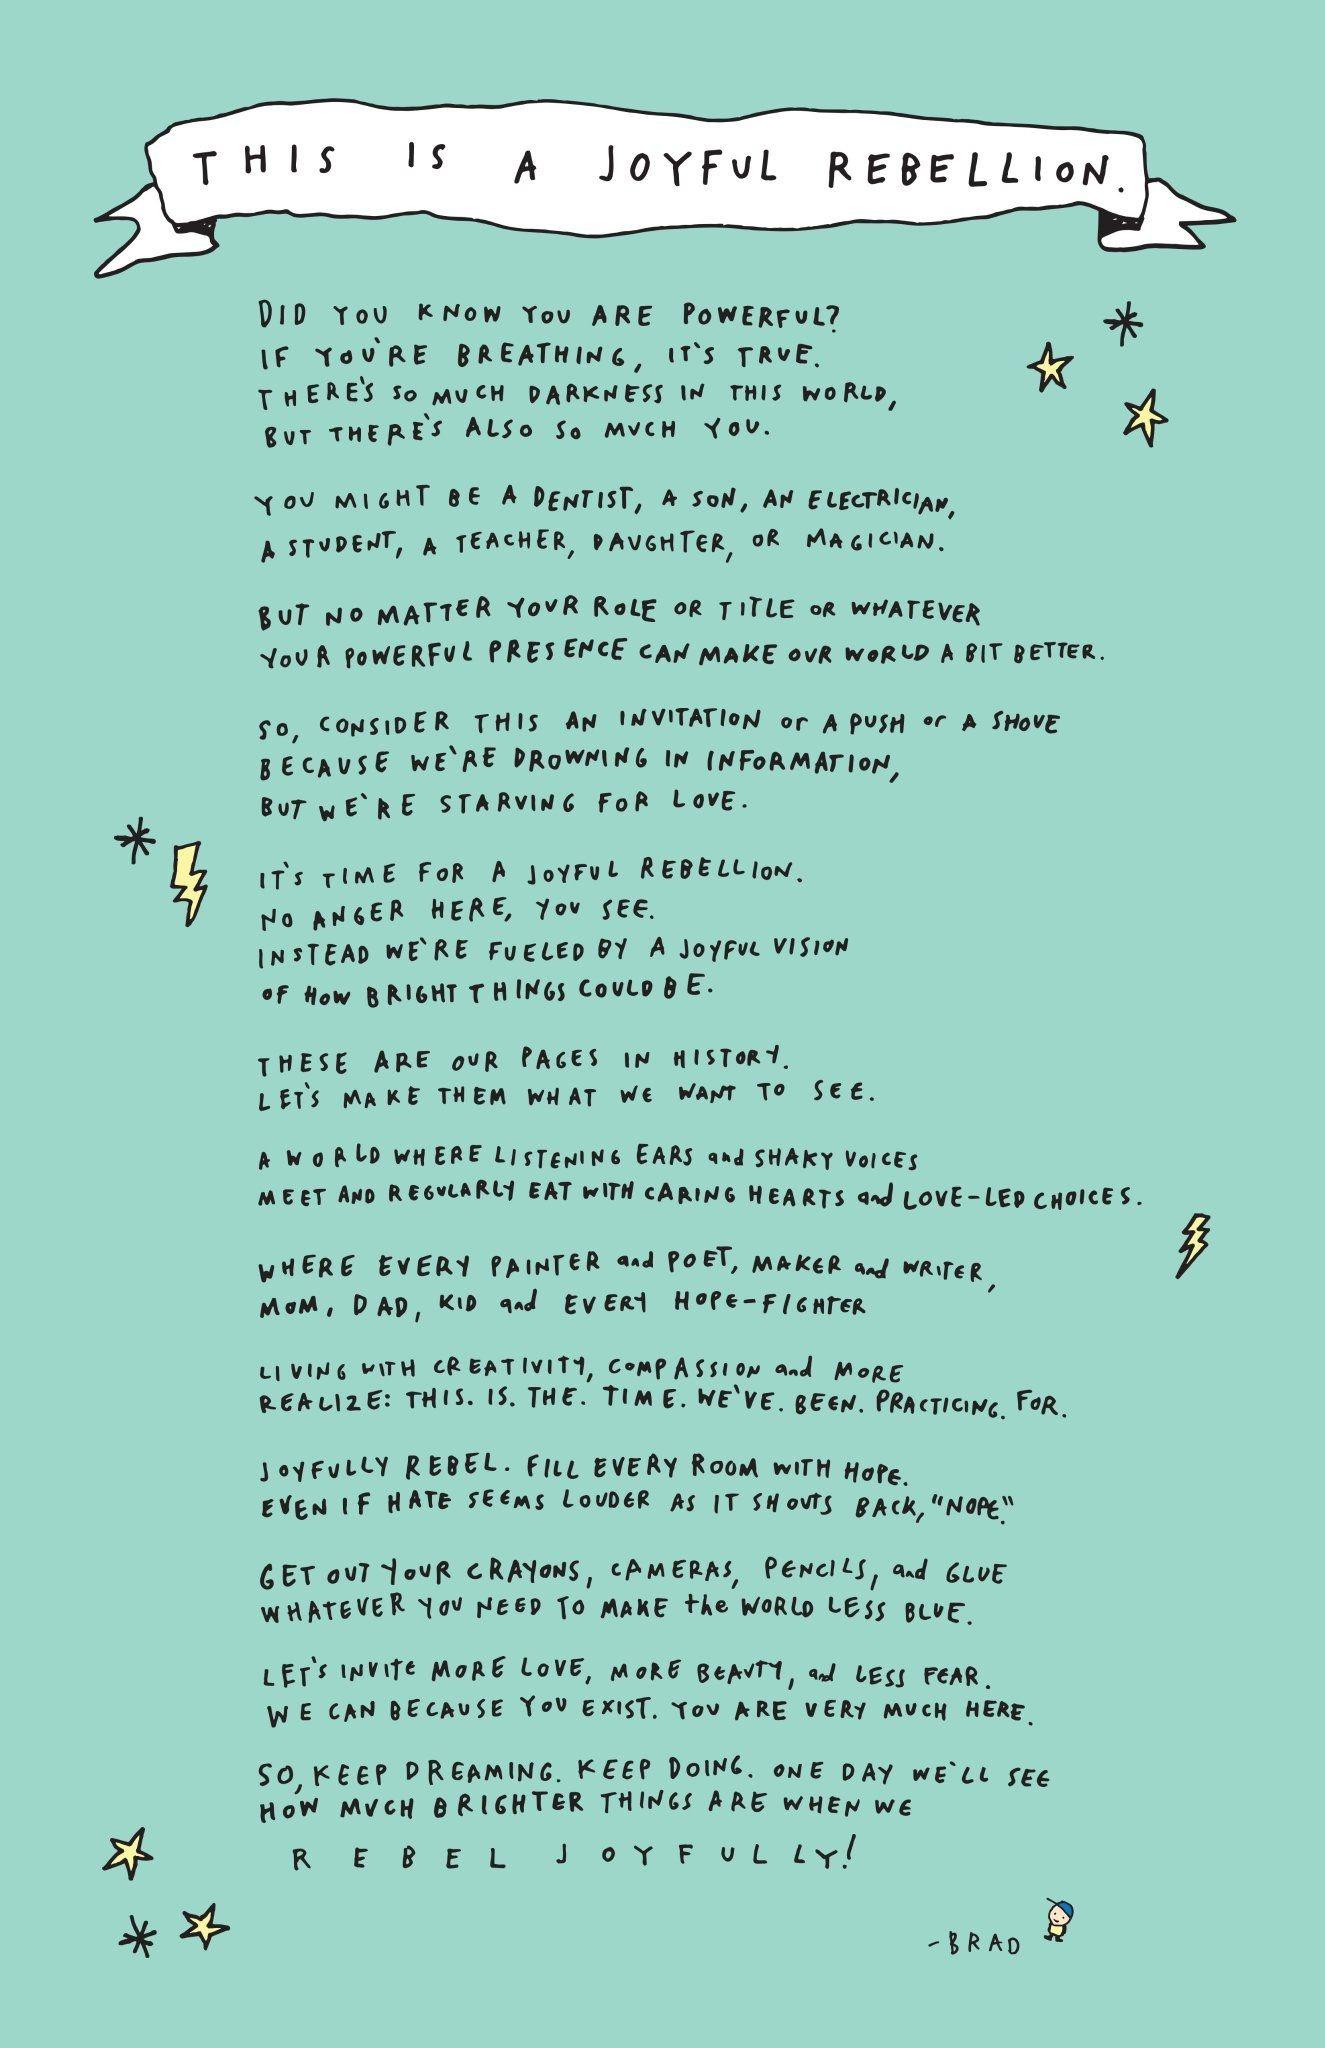 Free Printable! Our Joyful Rebellion Manifesto! #joyfulrebellion - Free Printable Romantic Poems